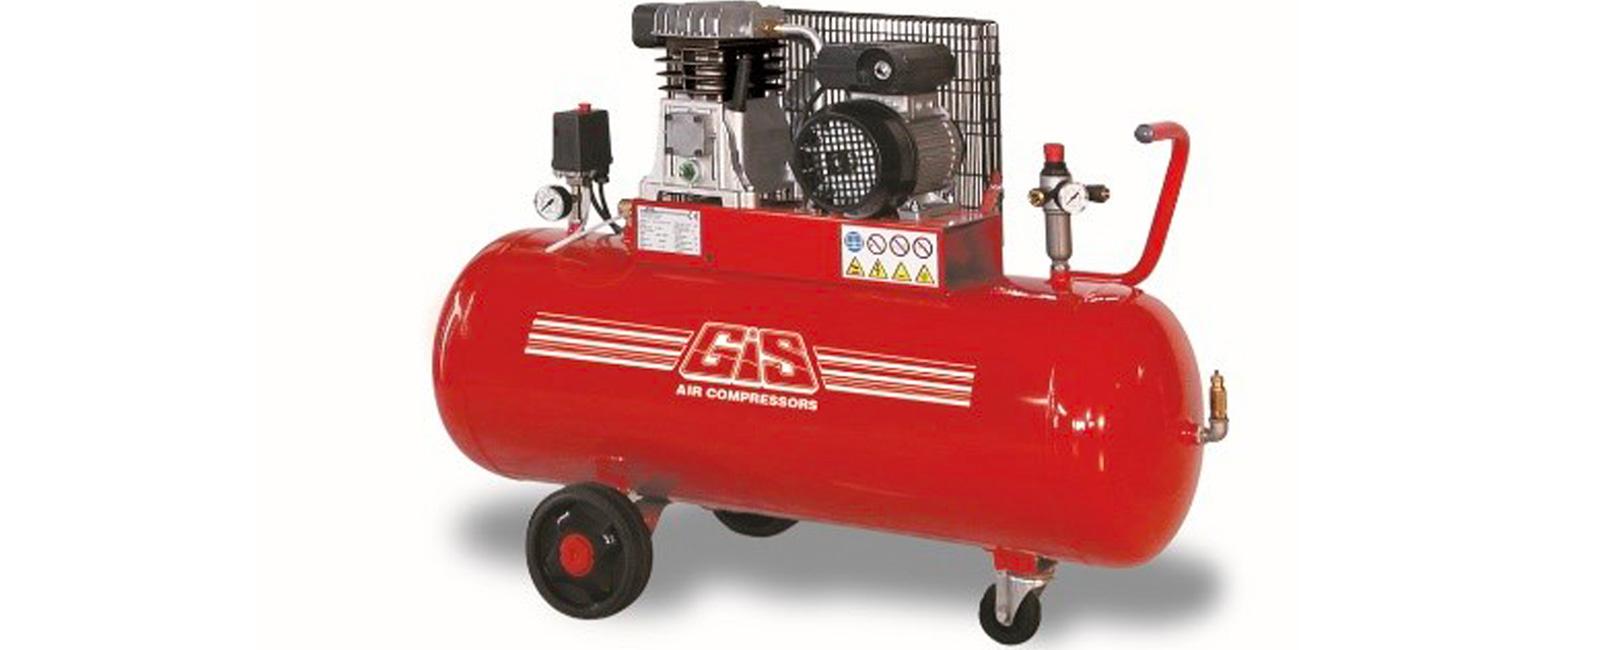 Compressori-industriali-a-pistoni